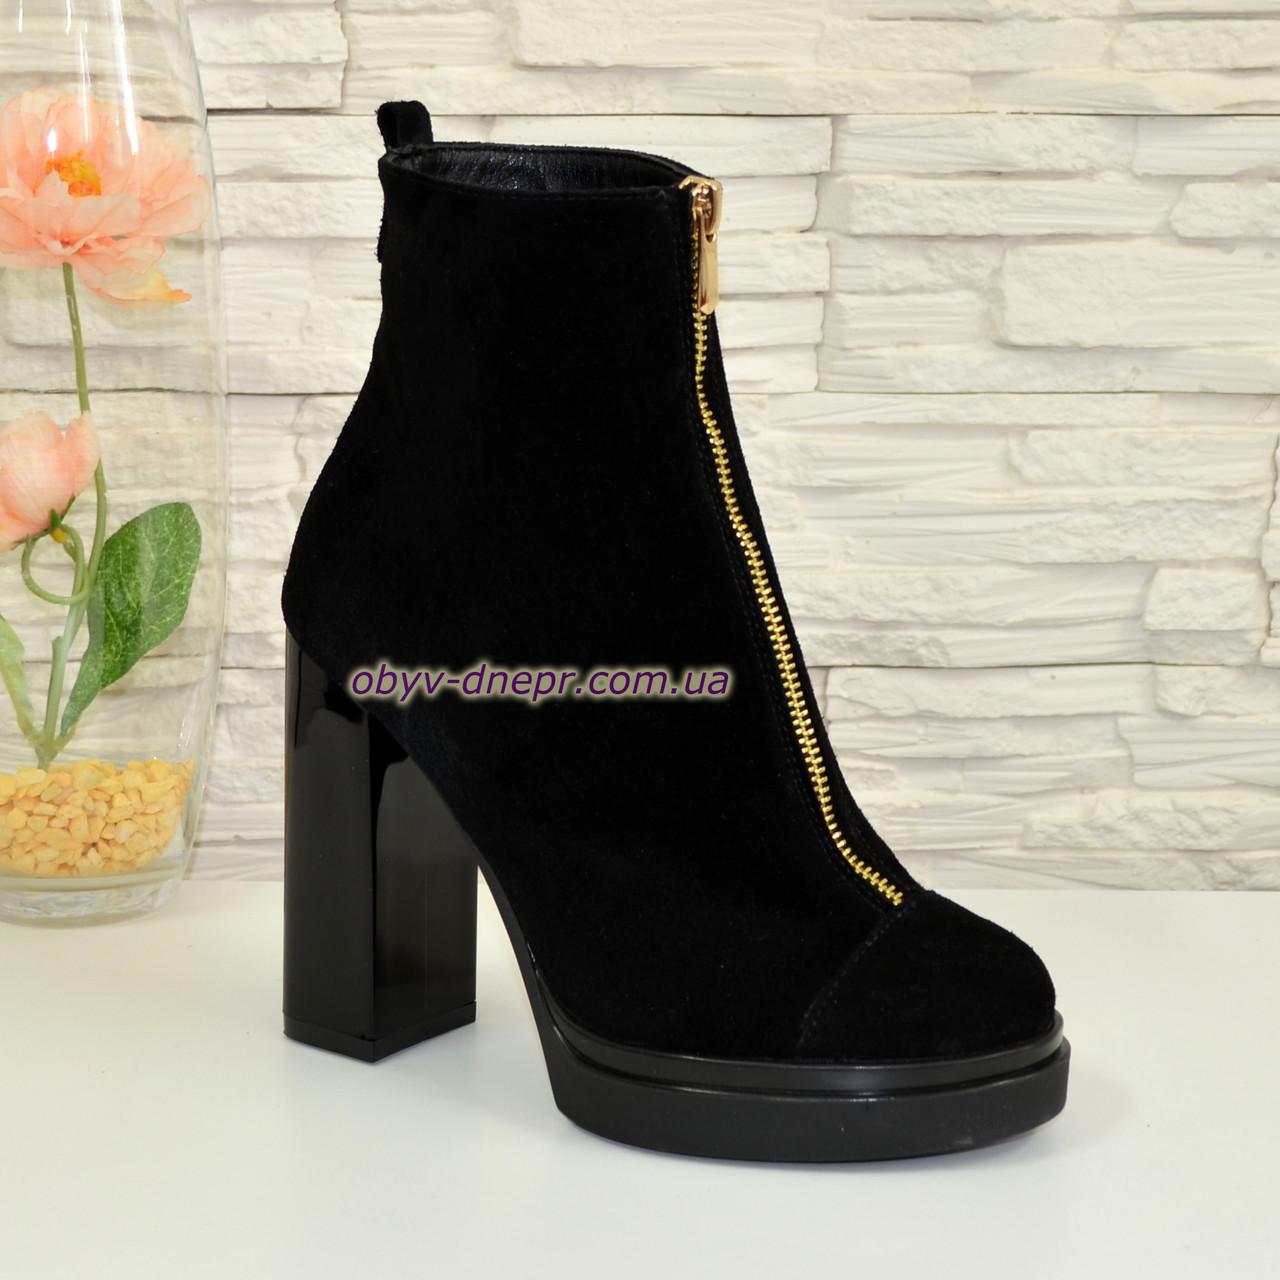 Ботинки демисезонные женские замшевые на устойчивом каблуке. 37 размер